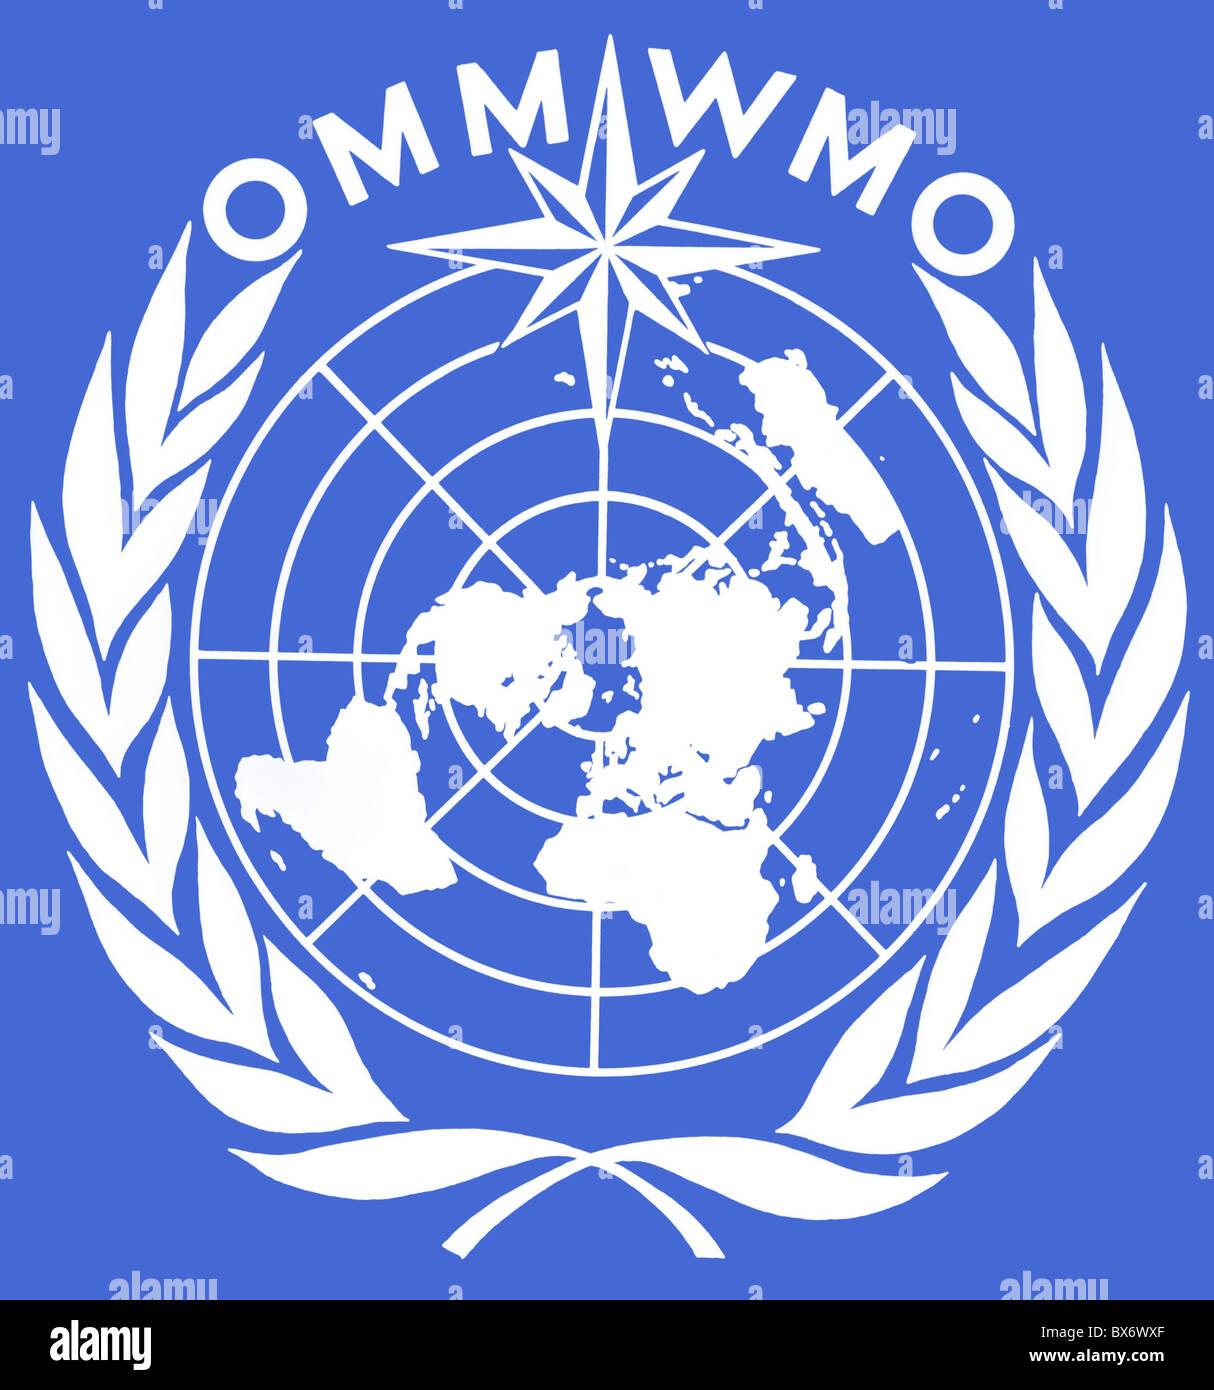 politics united nations un omm wmo logo special